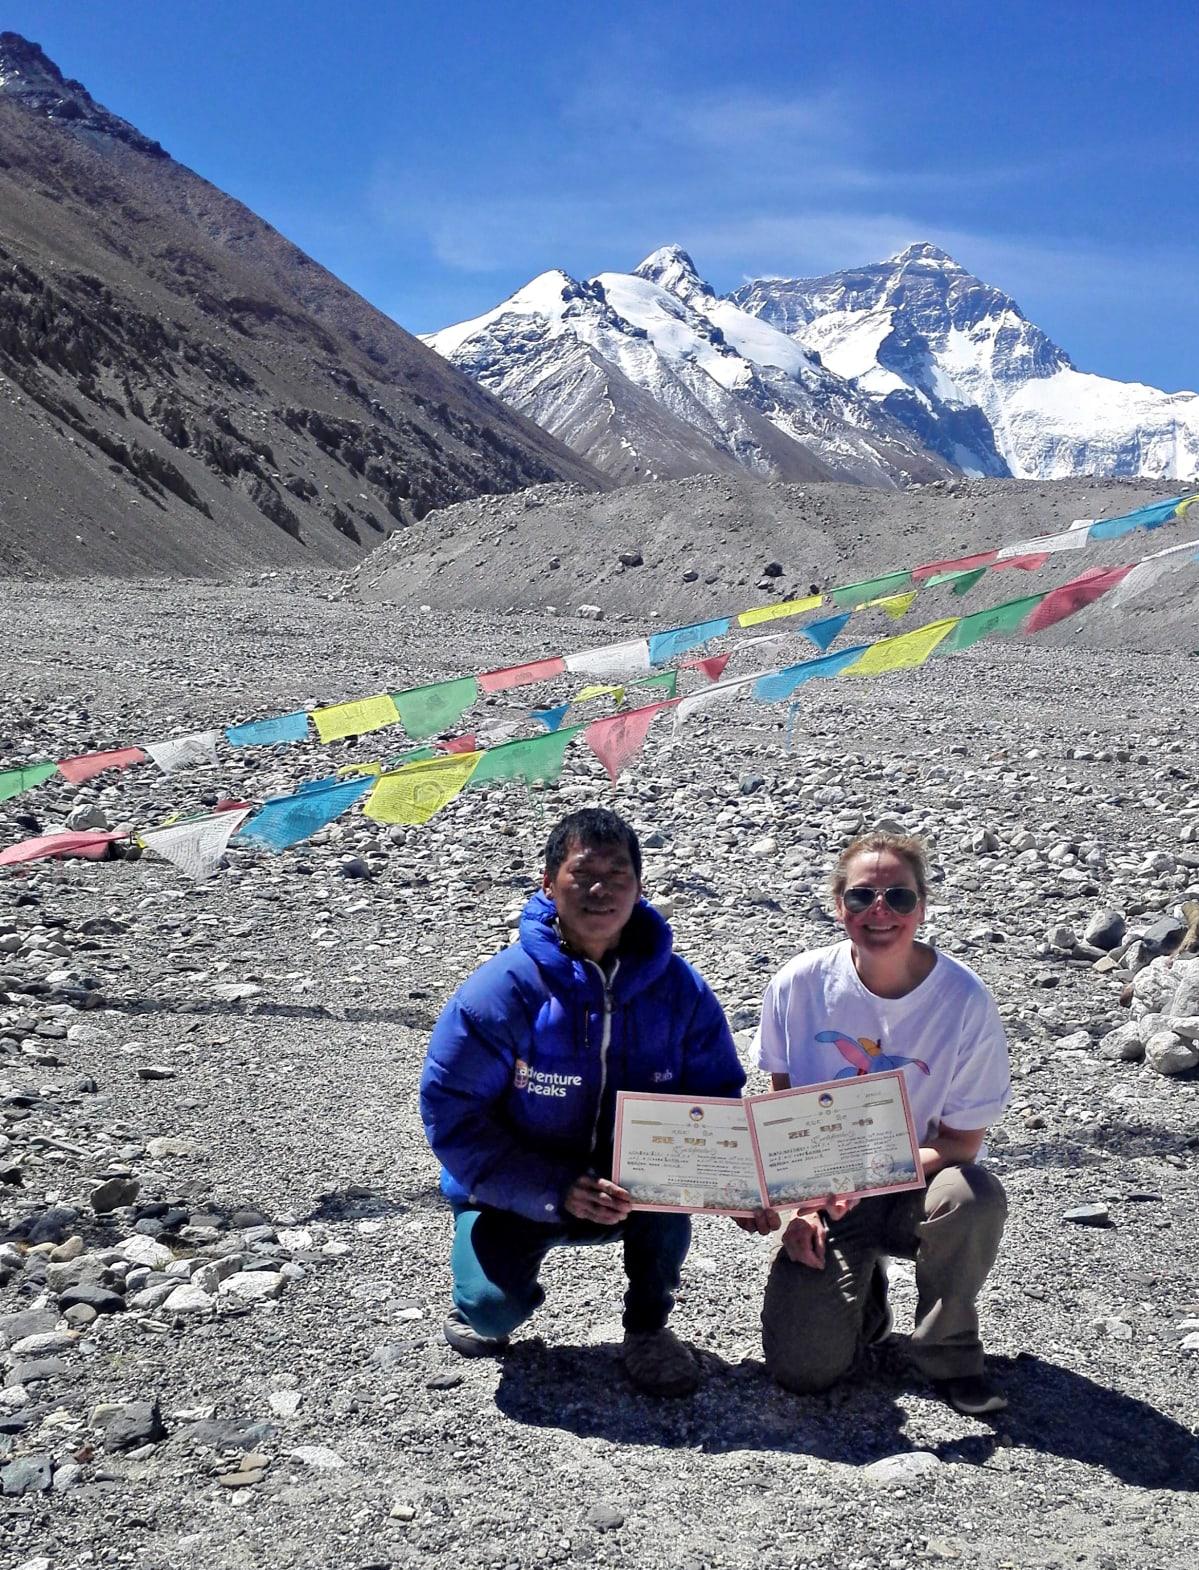 Paula Strengell (oikealla) vieressään sherpa Pemba. Molemmilla on todistukset kädessä. Taustalla näkyy Mount Everestin huippu.